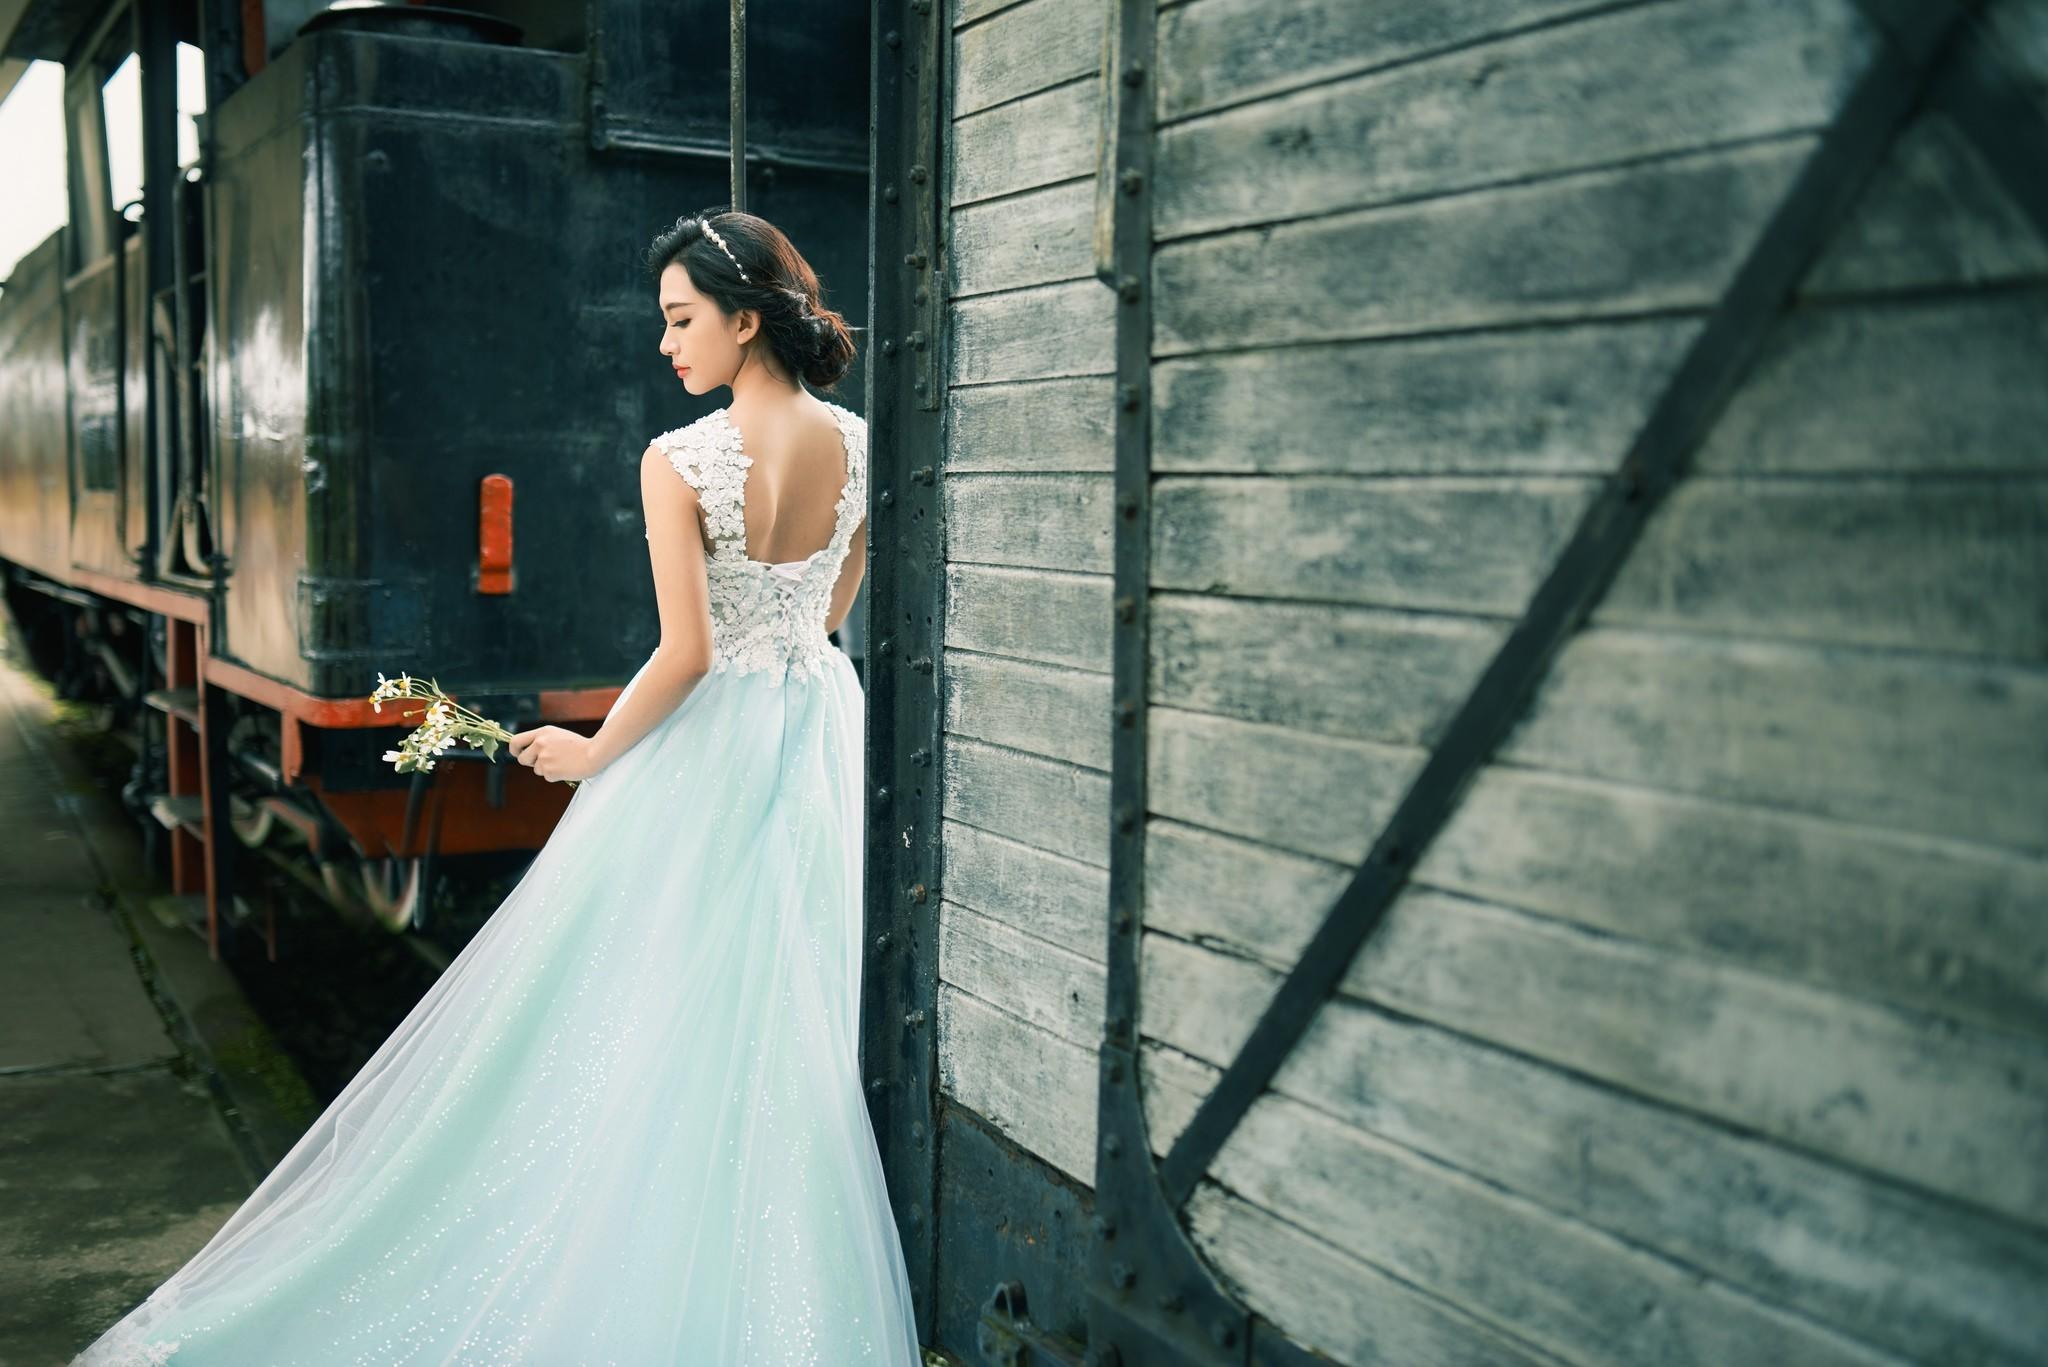 Hintergrundbilder : Frau, Modell-, asiatisch, Fahrzeug, Fotografie ...